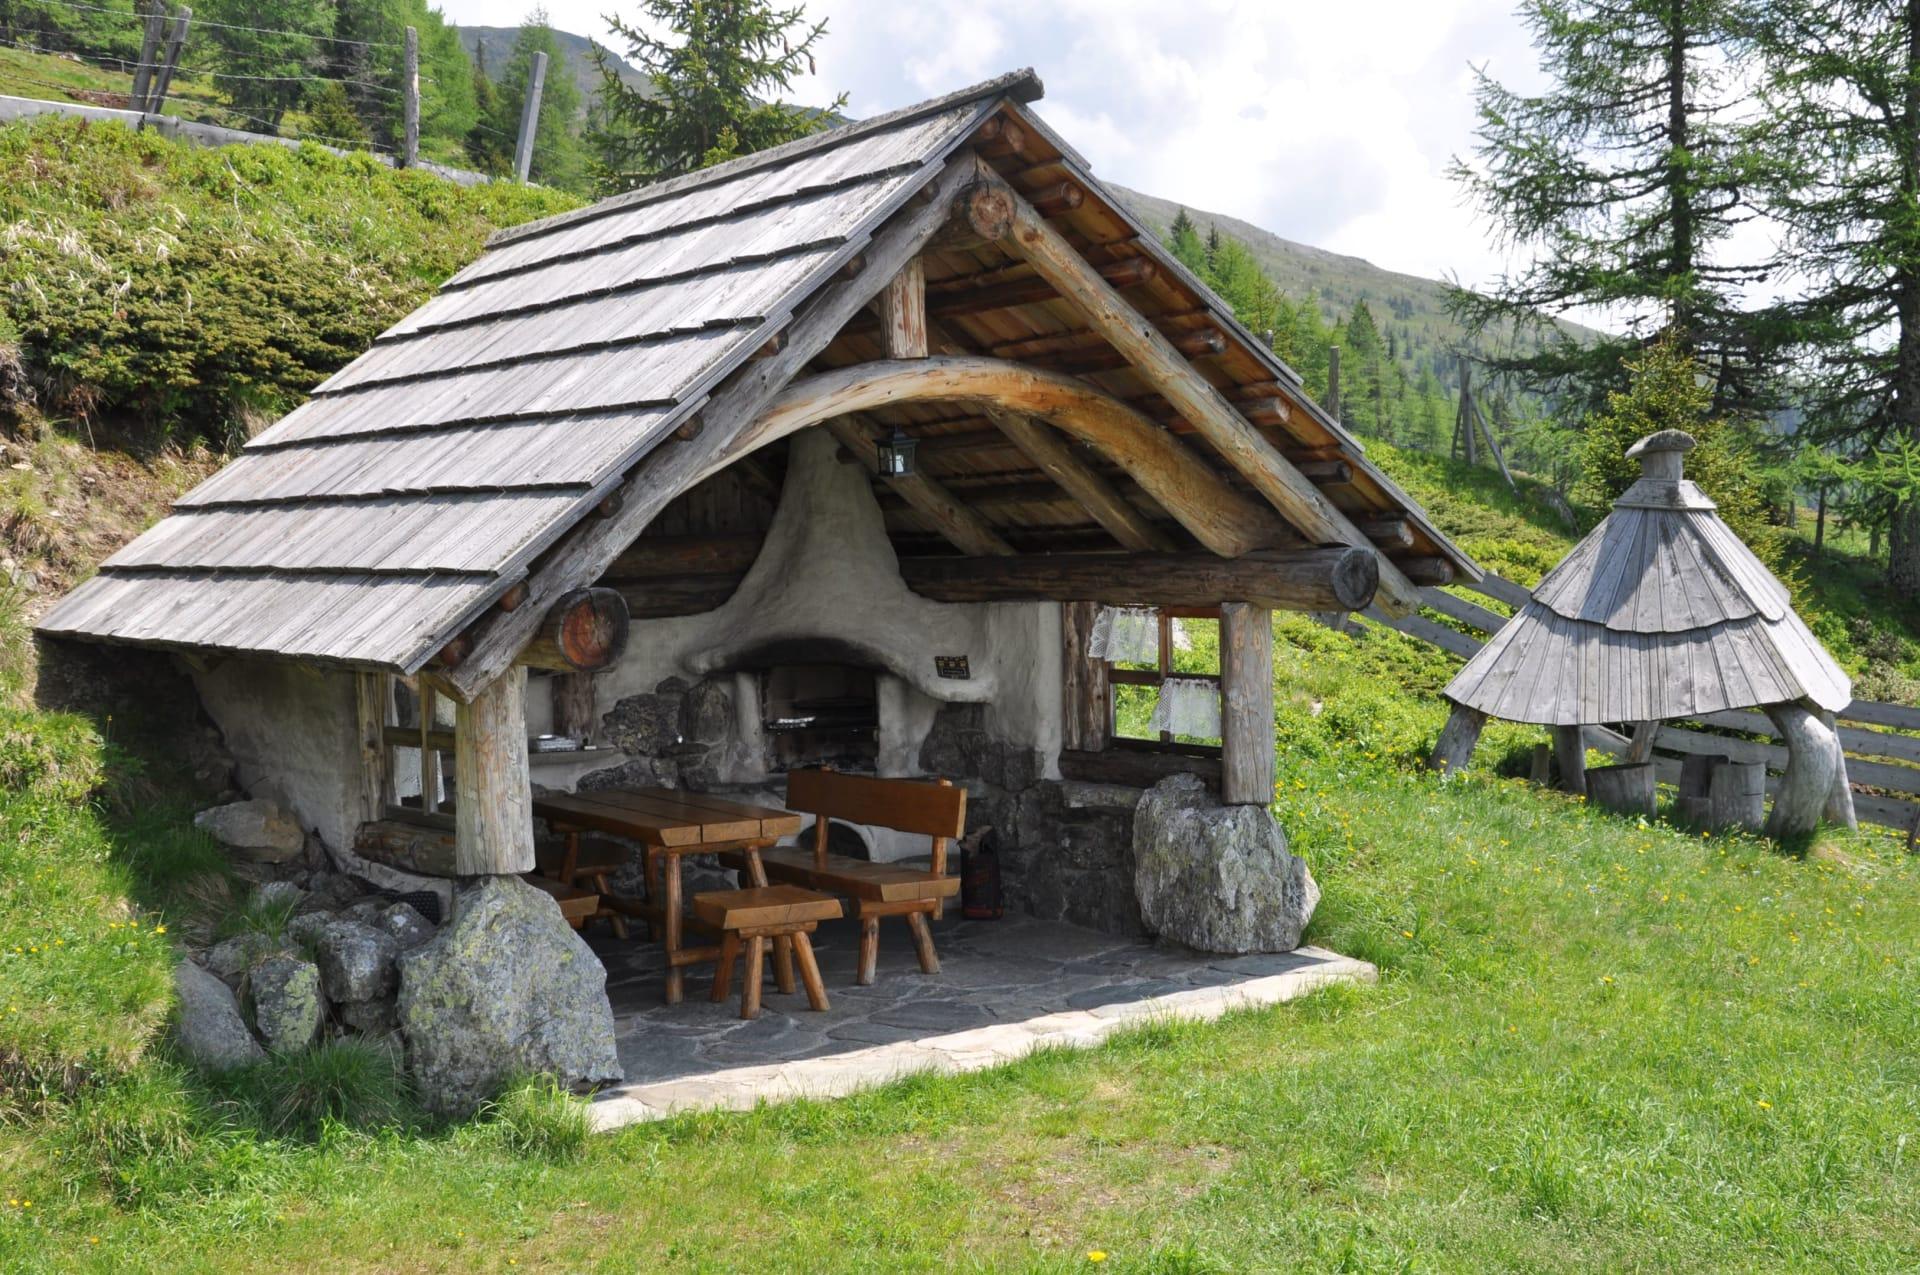 Obere Michlbauerhütte